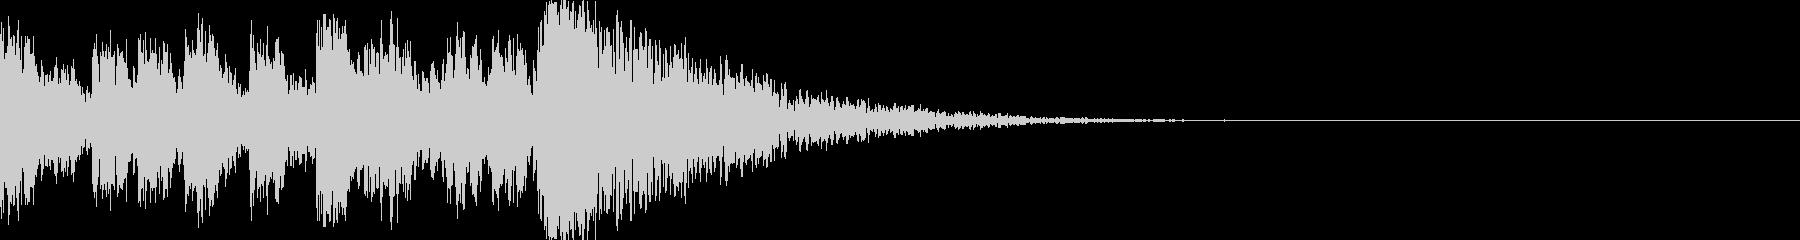 鼓(つづみ)太鼓のフレーズ ジングル02の未再生の波形